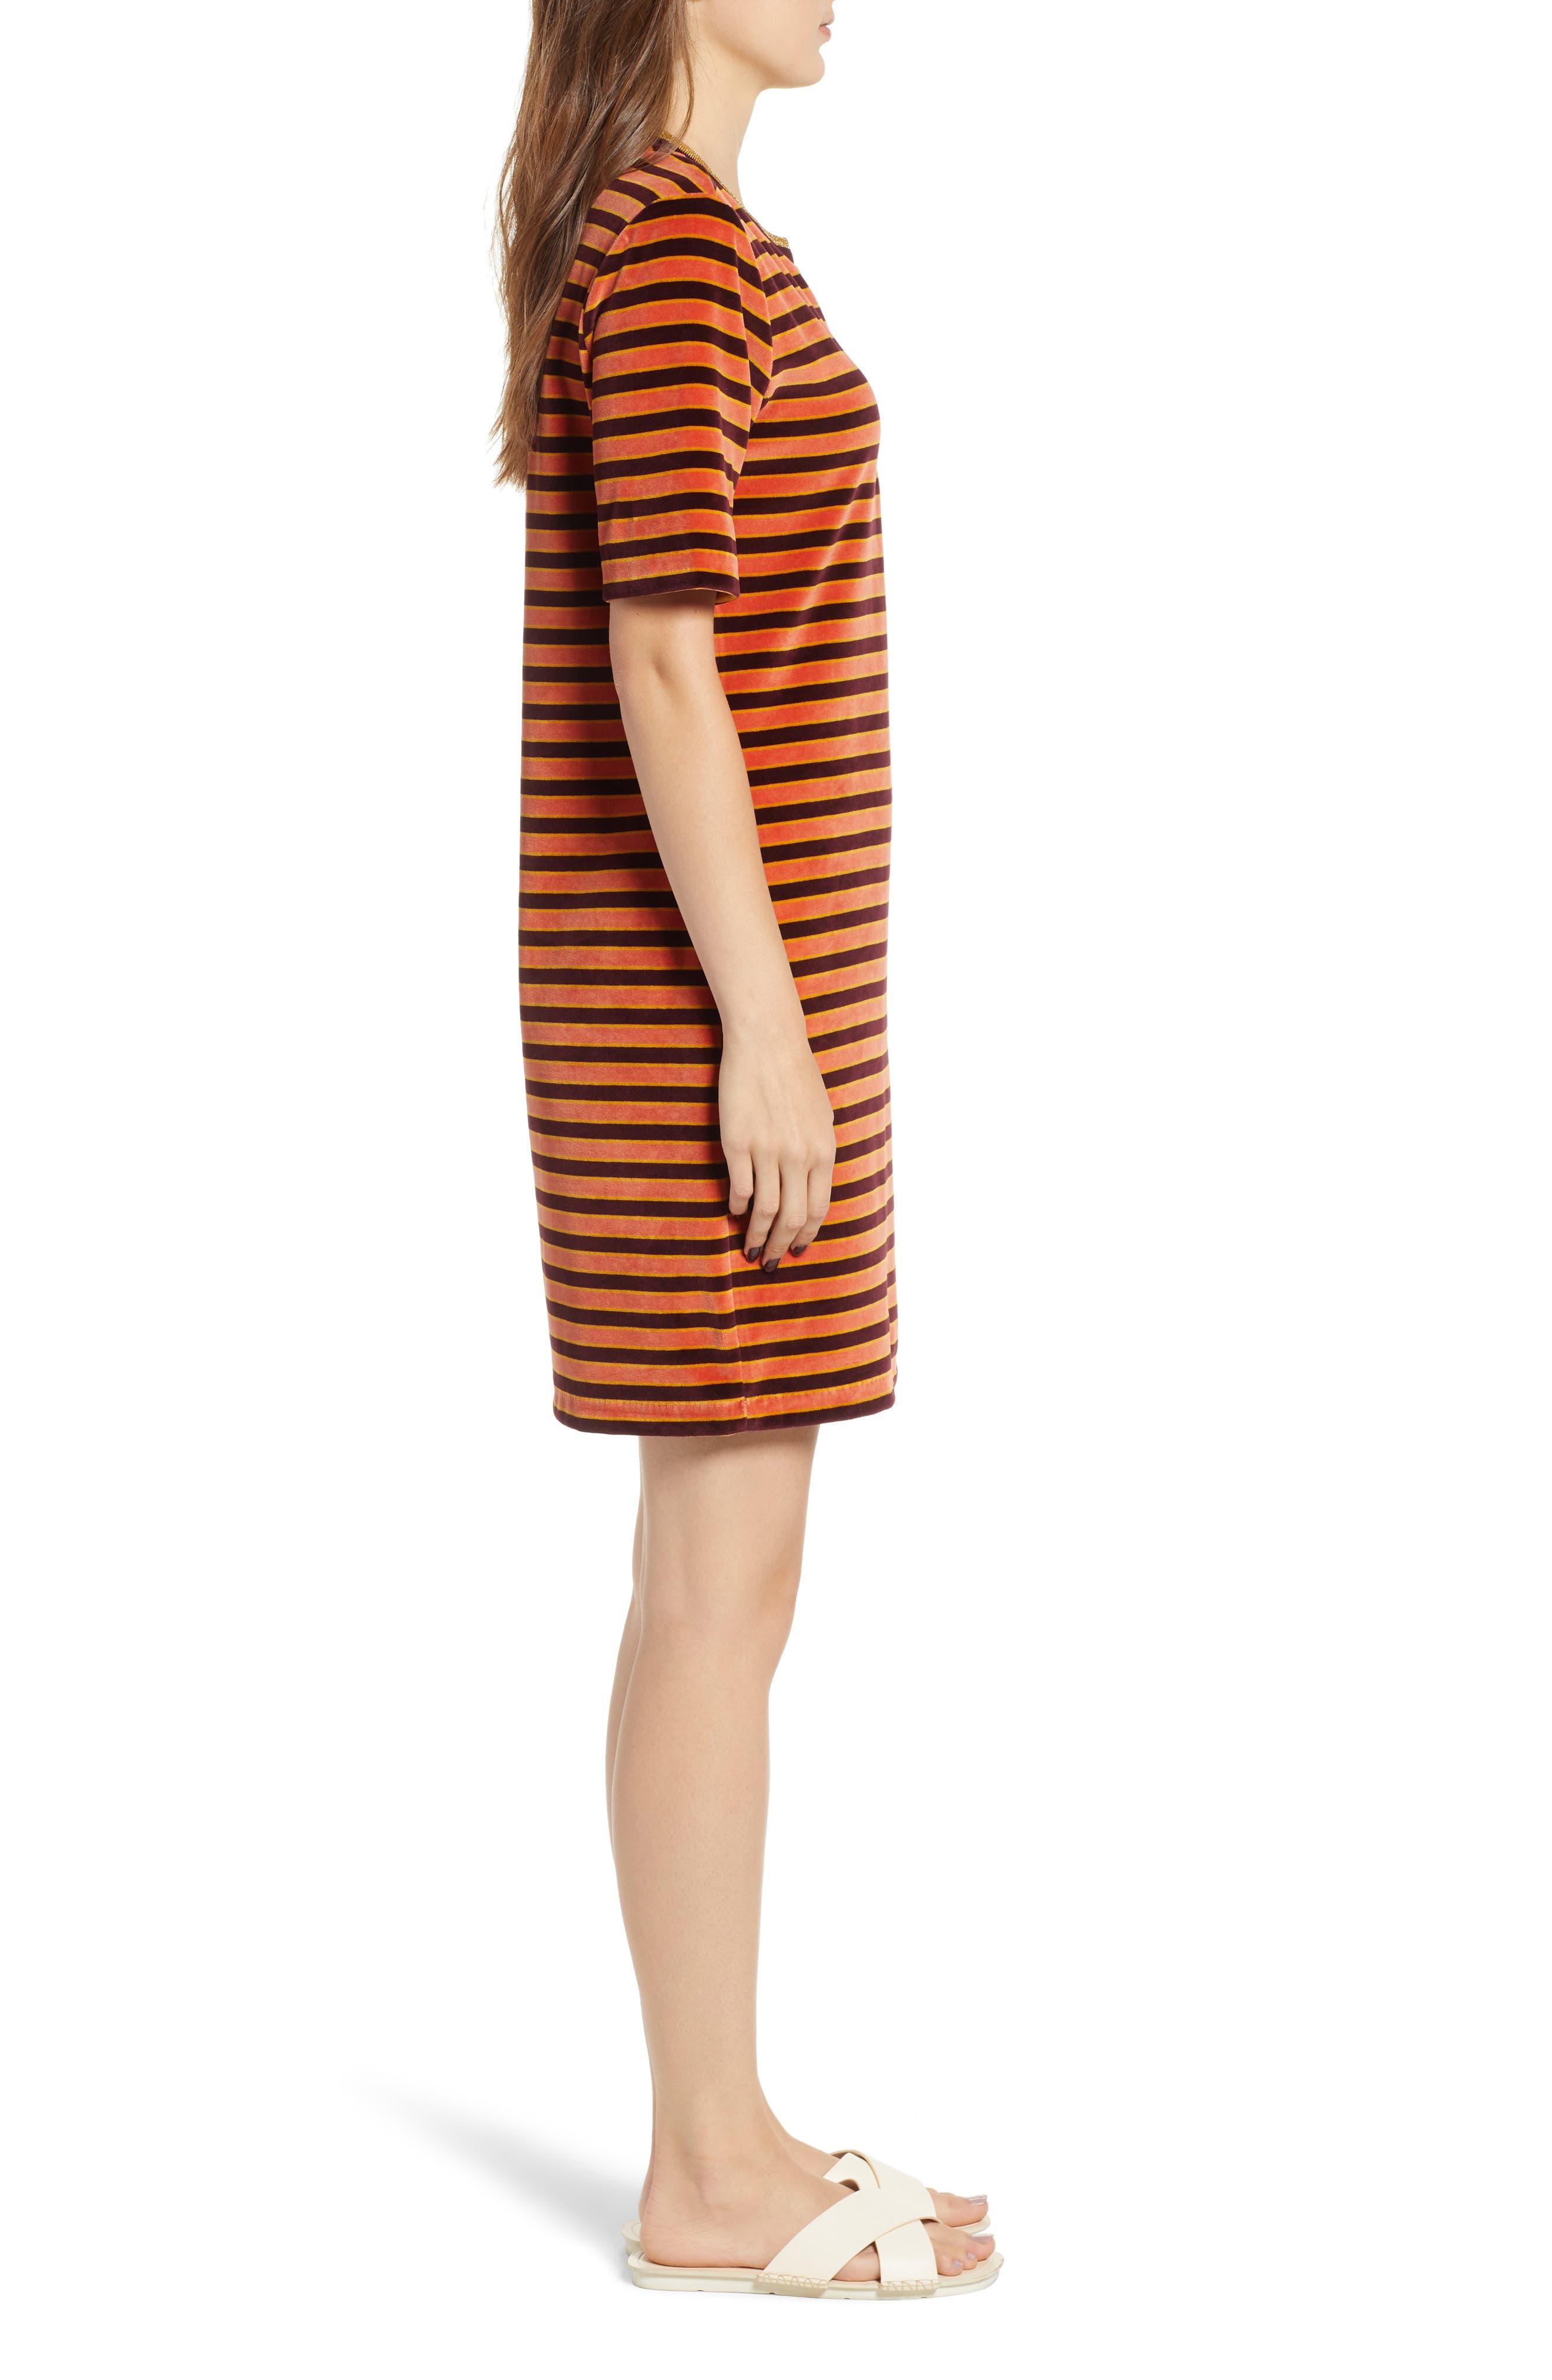 Striped Short Sleeve Velour Dress,                             Alternate thumbnail 3, color,                             ORANGE BURGUNDY STRIPE